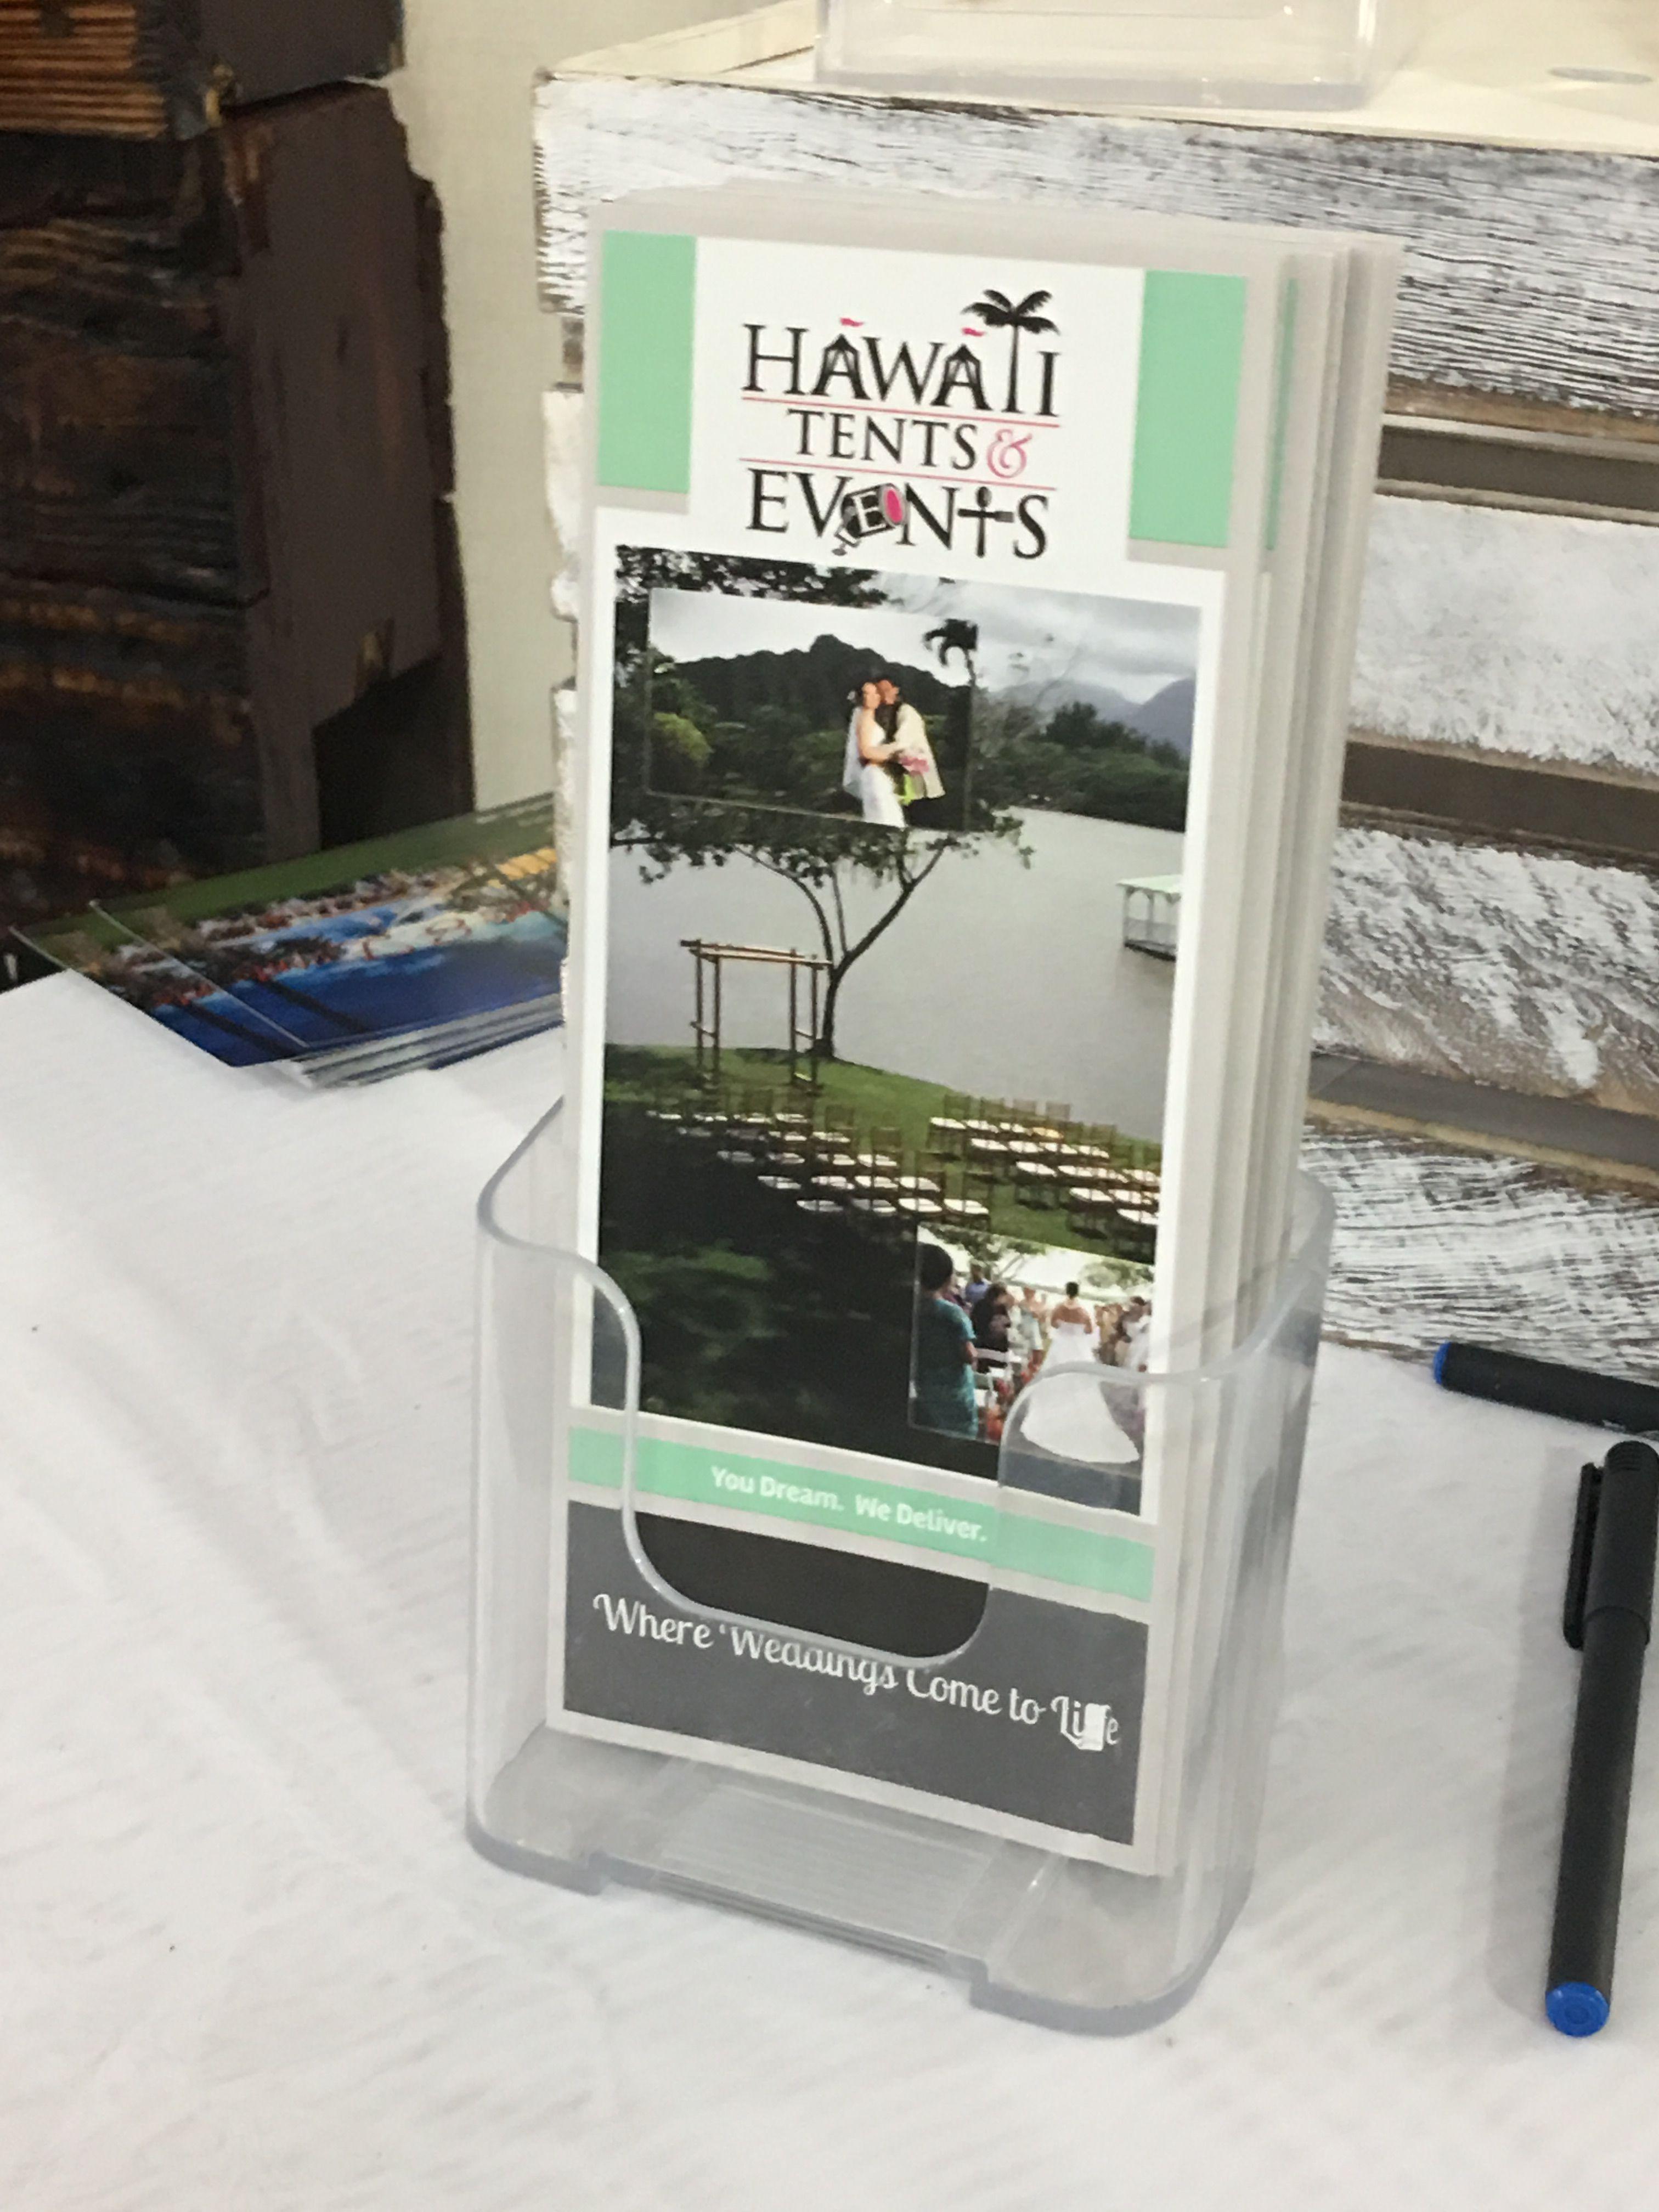 Hawaii Tents and Events at the #hawaiibridalexpo @bridesclub @bradbuckles